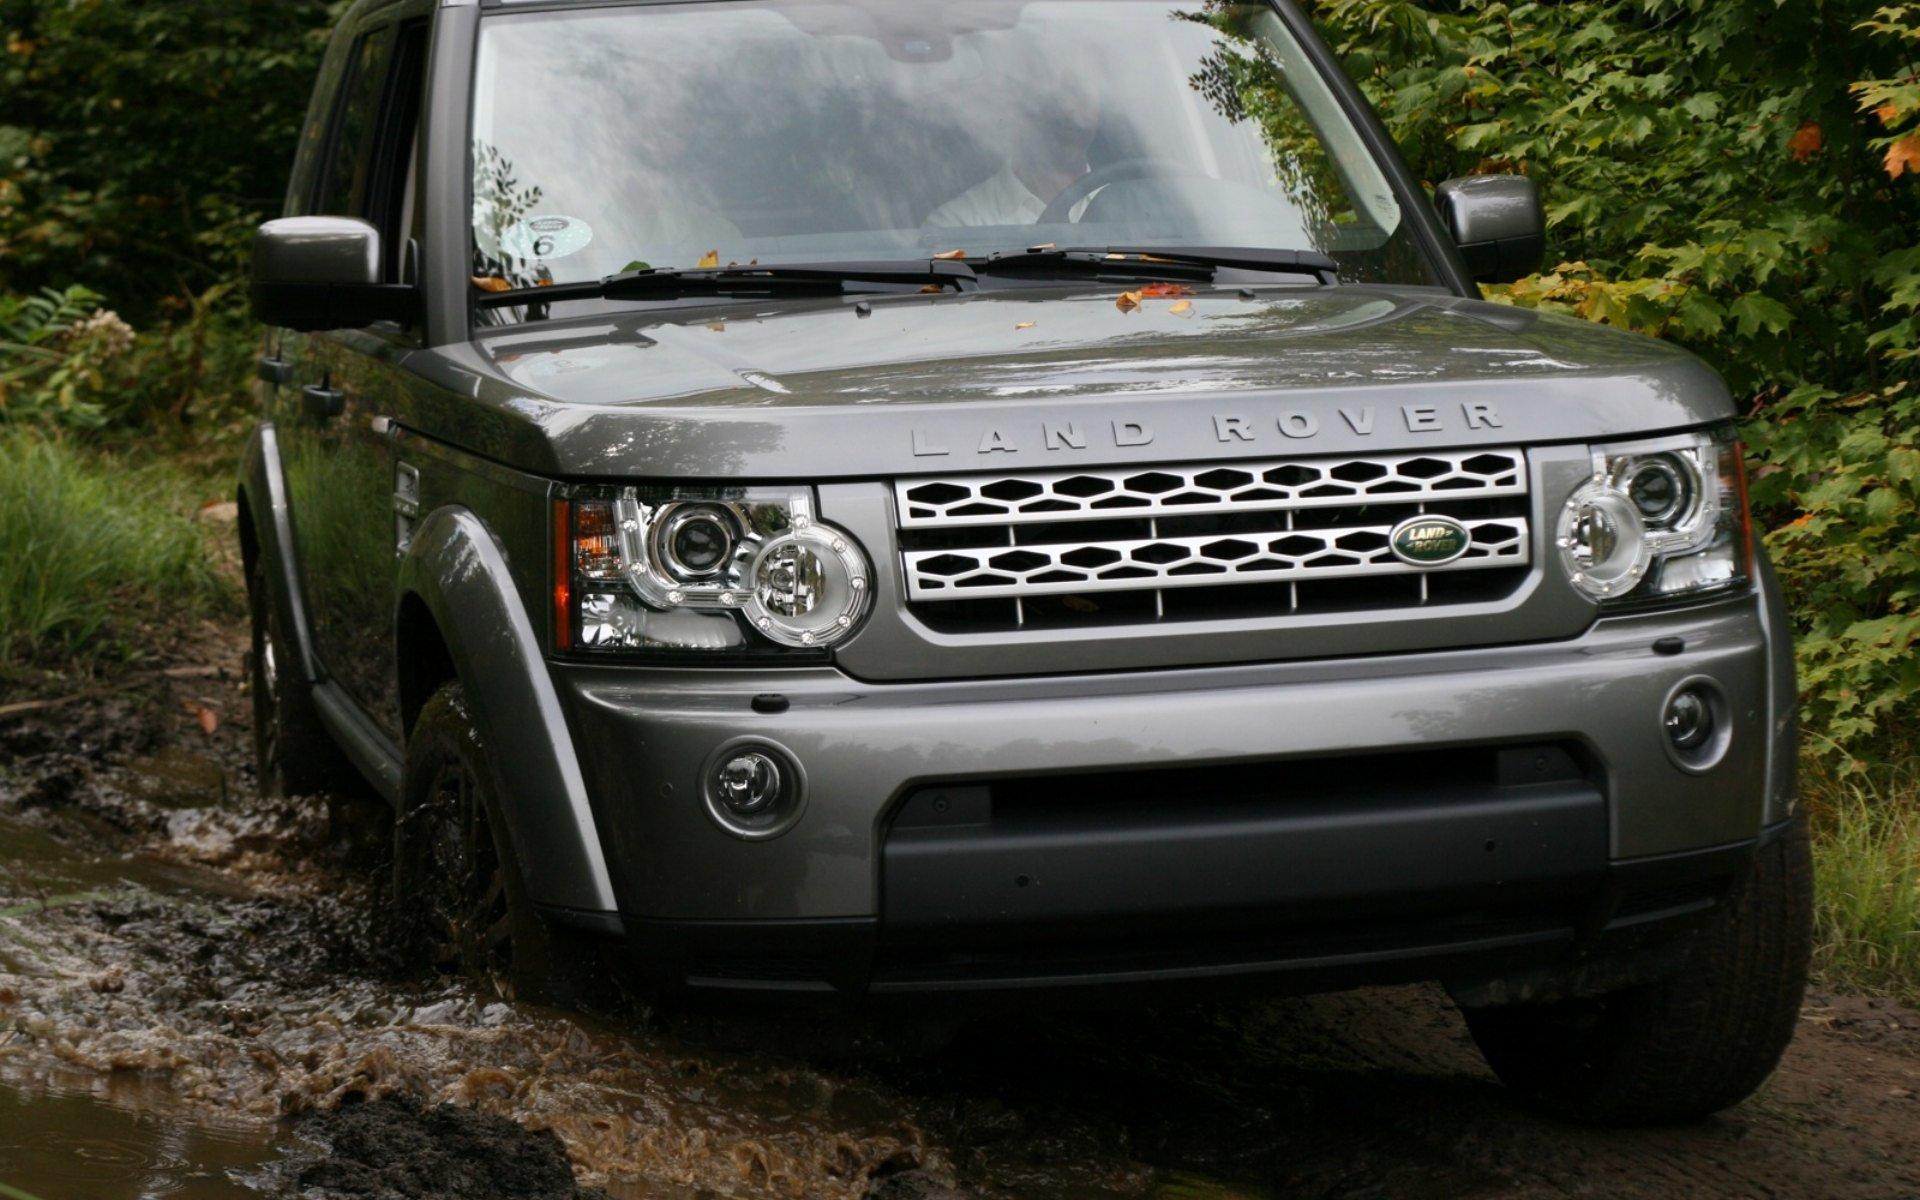 http://2.bp.blogspot.com/-UUhLfSkOEow/T_l2amH8rCI/AAAAAAAAJ_U/O_-DQ2jCSek/s1920/Land-Rover-LR4-off-road-wallpaper.jpg